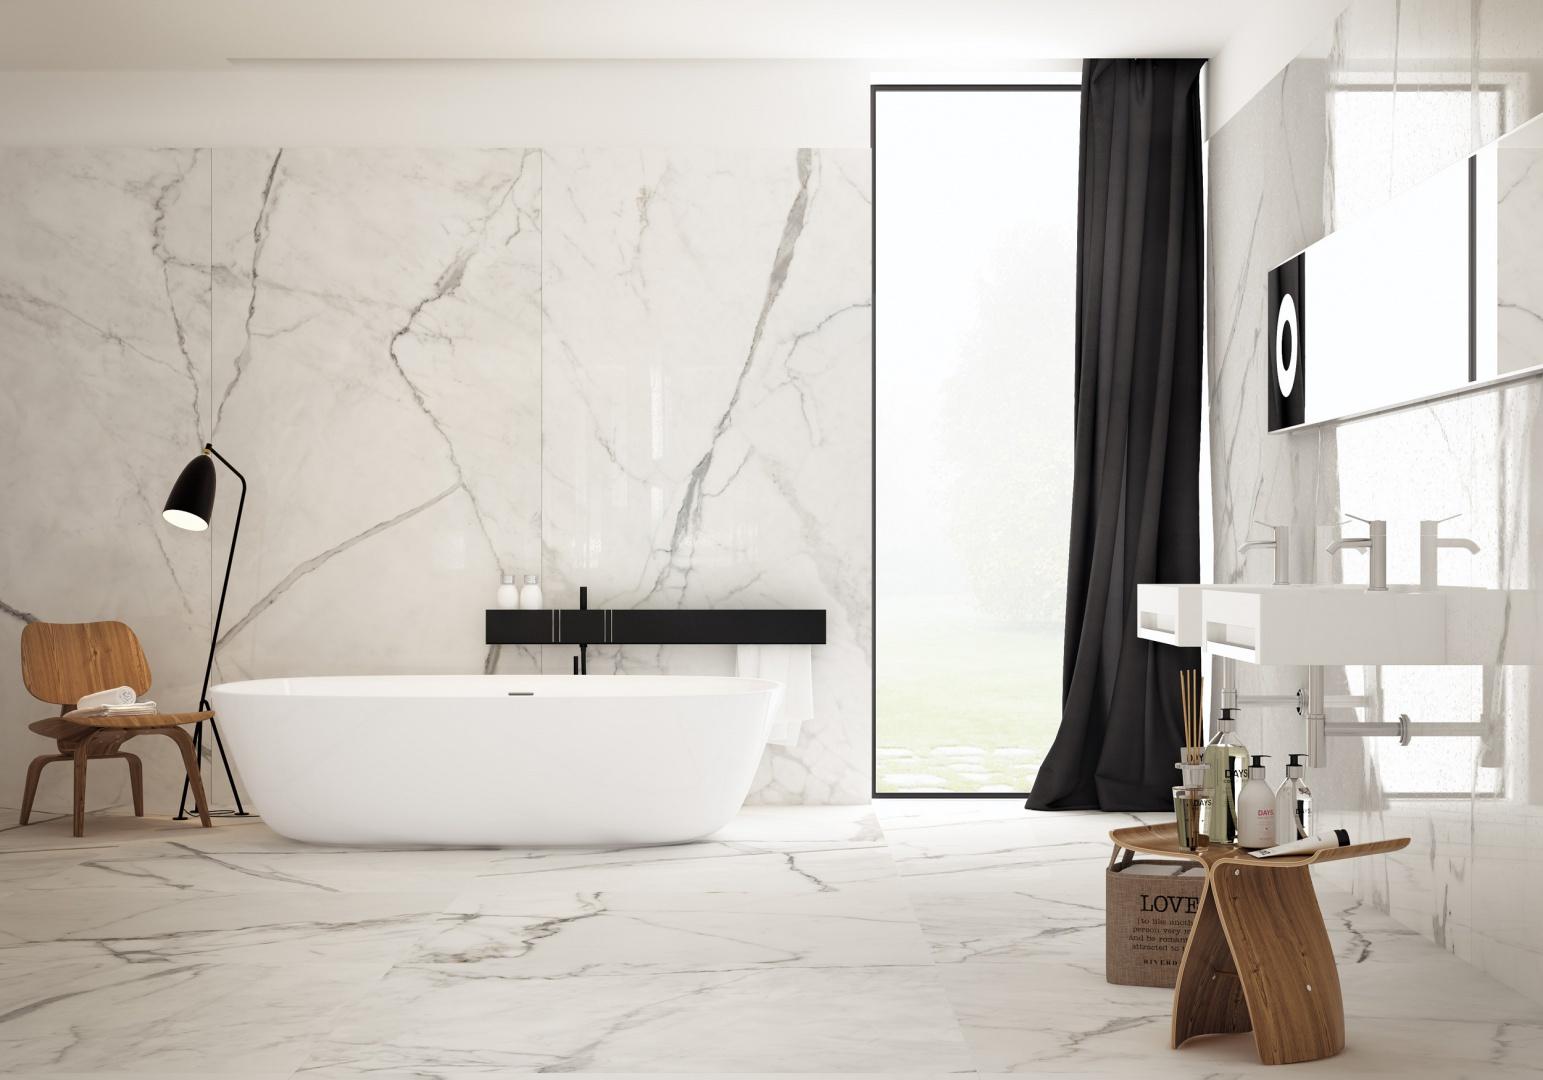 Jak biały marmur - płytki ceramiczne Infinity firmy Fondovalle. Fot. Fondovalle.